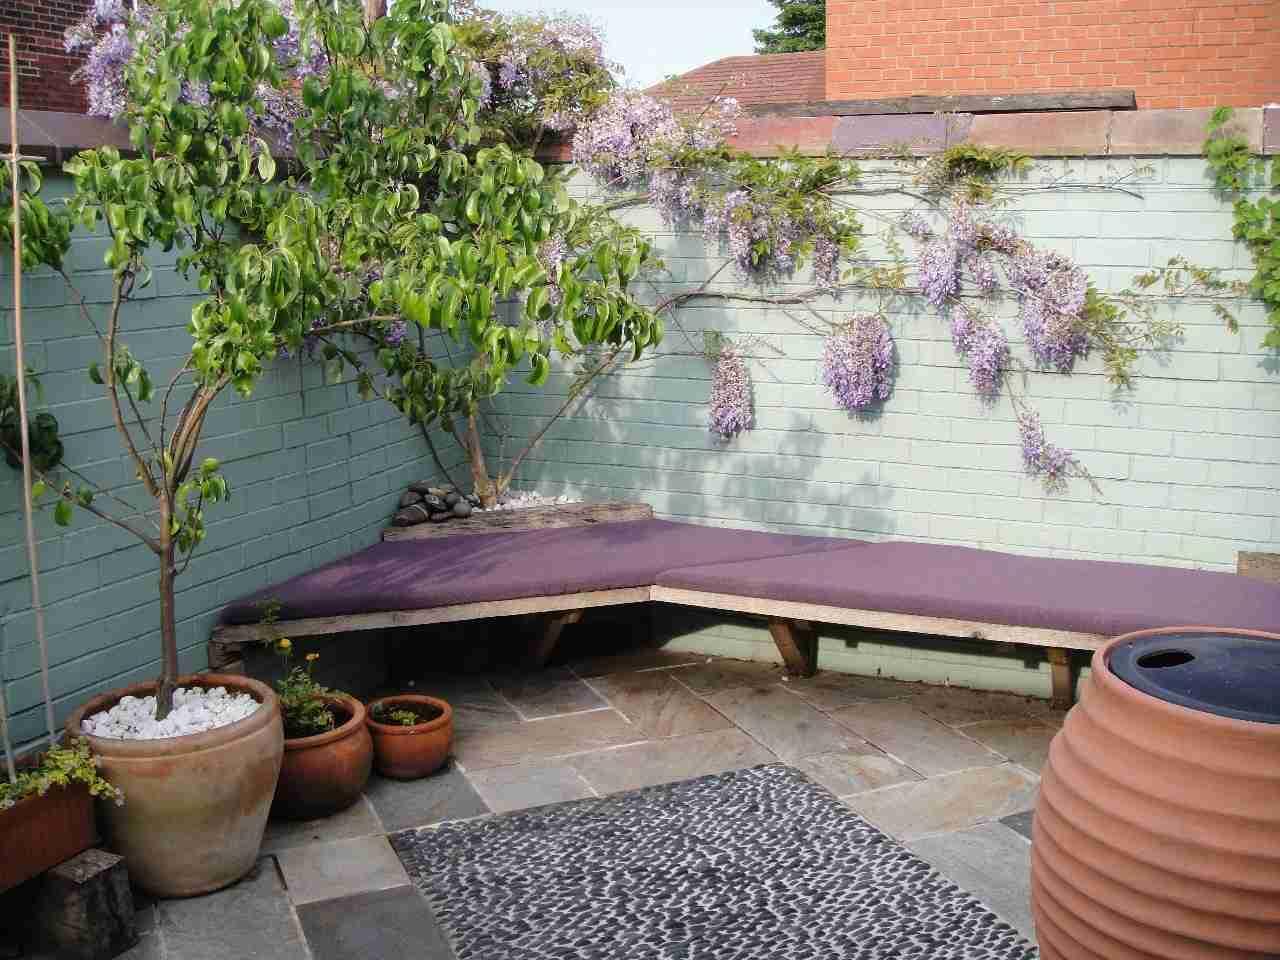 Comment Aménager Son Petit Jardin En 10 Conseils Pratiques encequiconcerne Amanager Un Petit Jardin